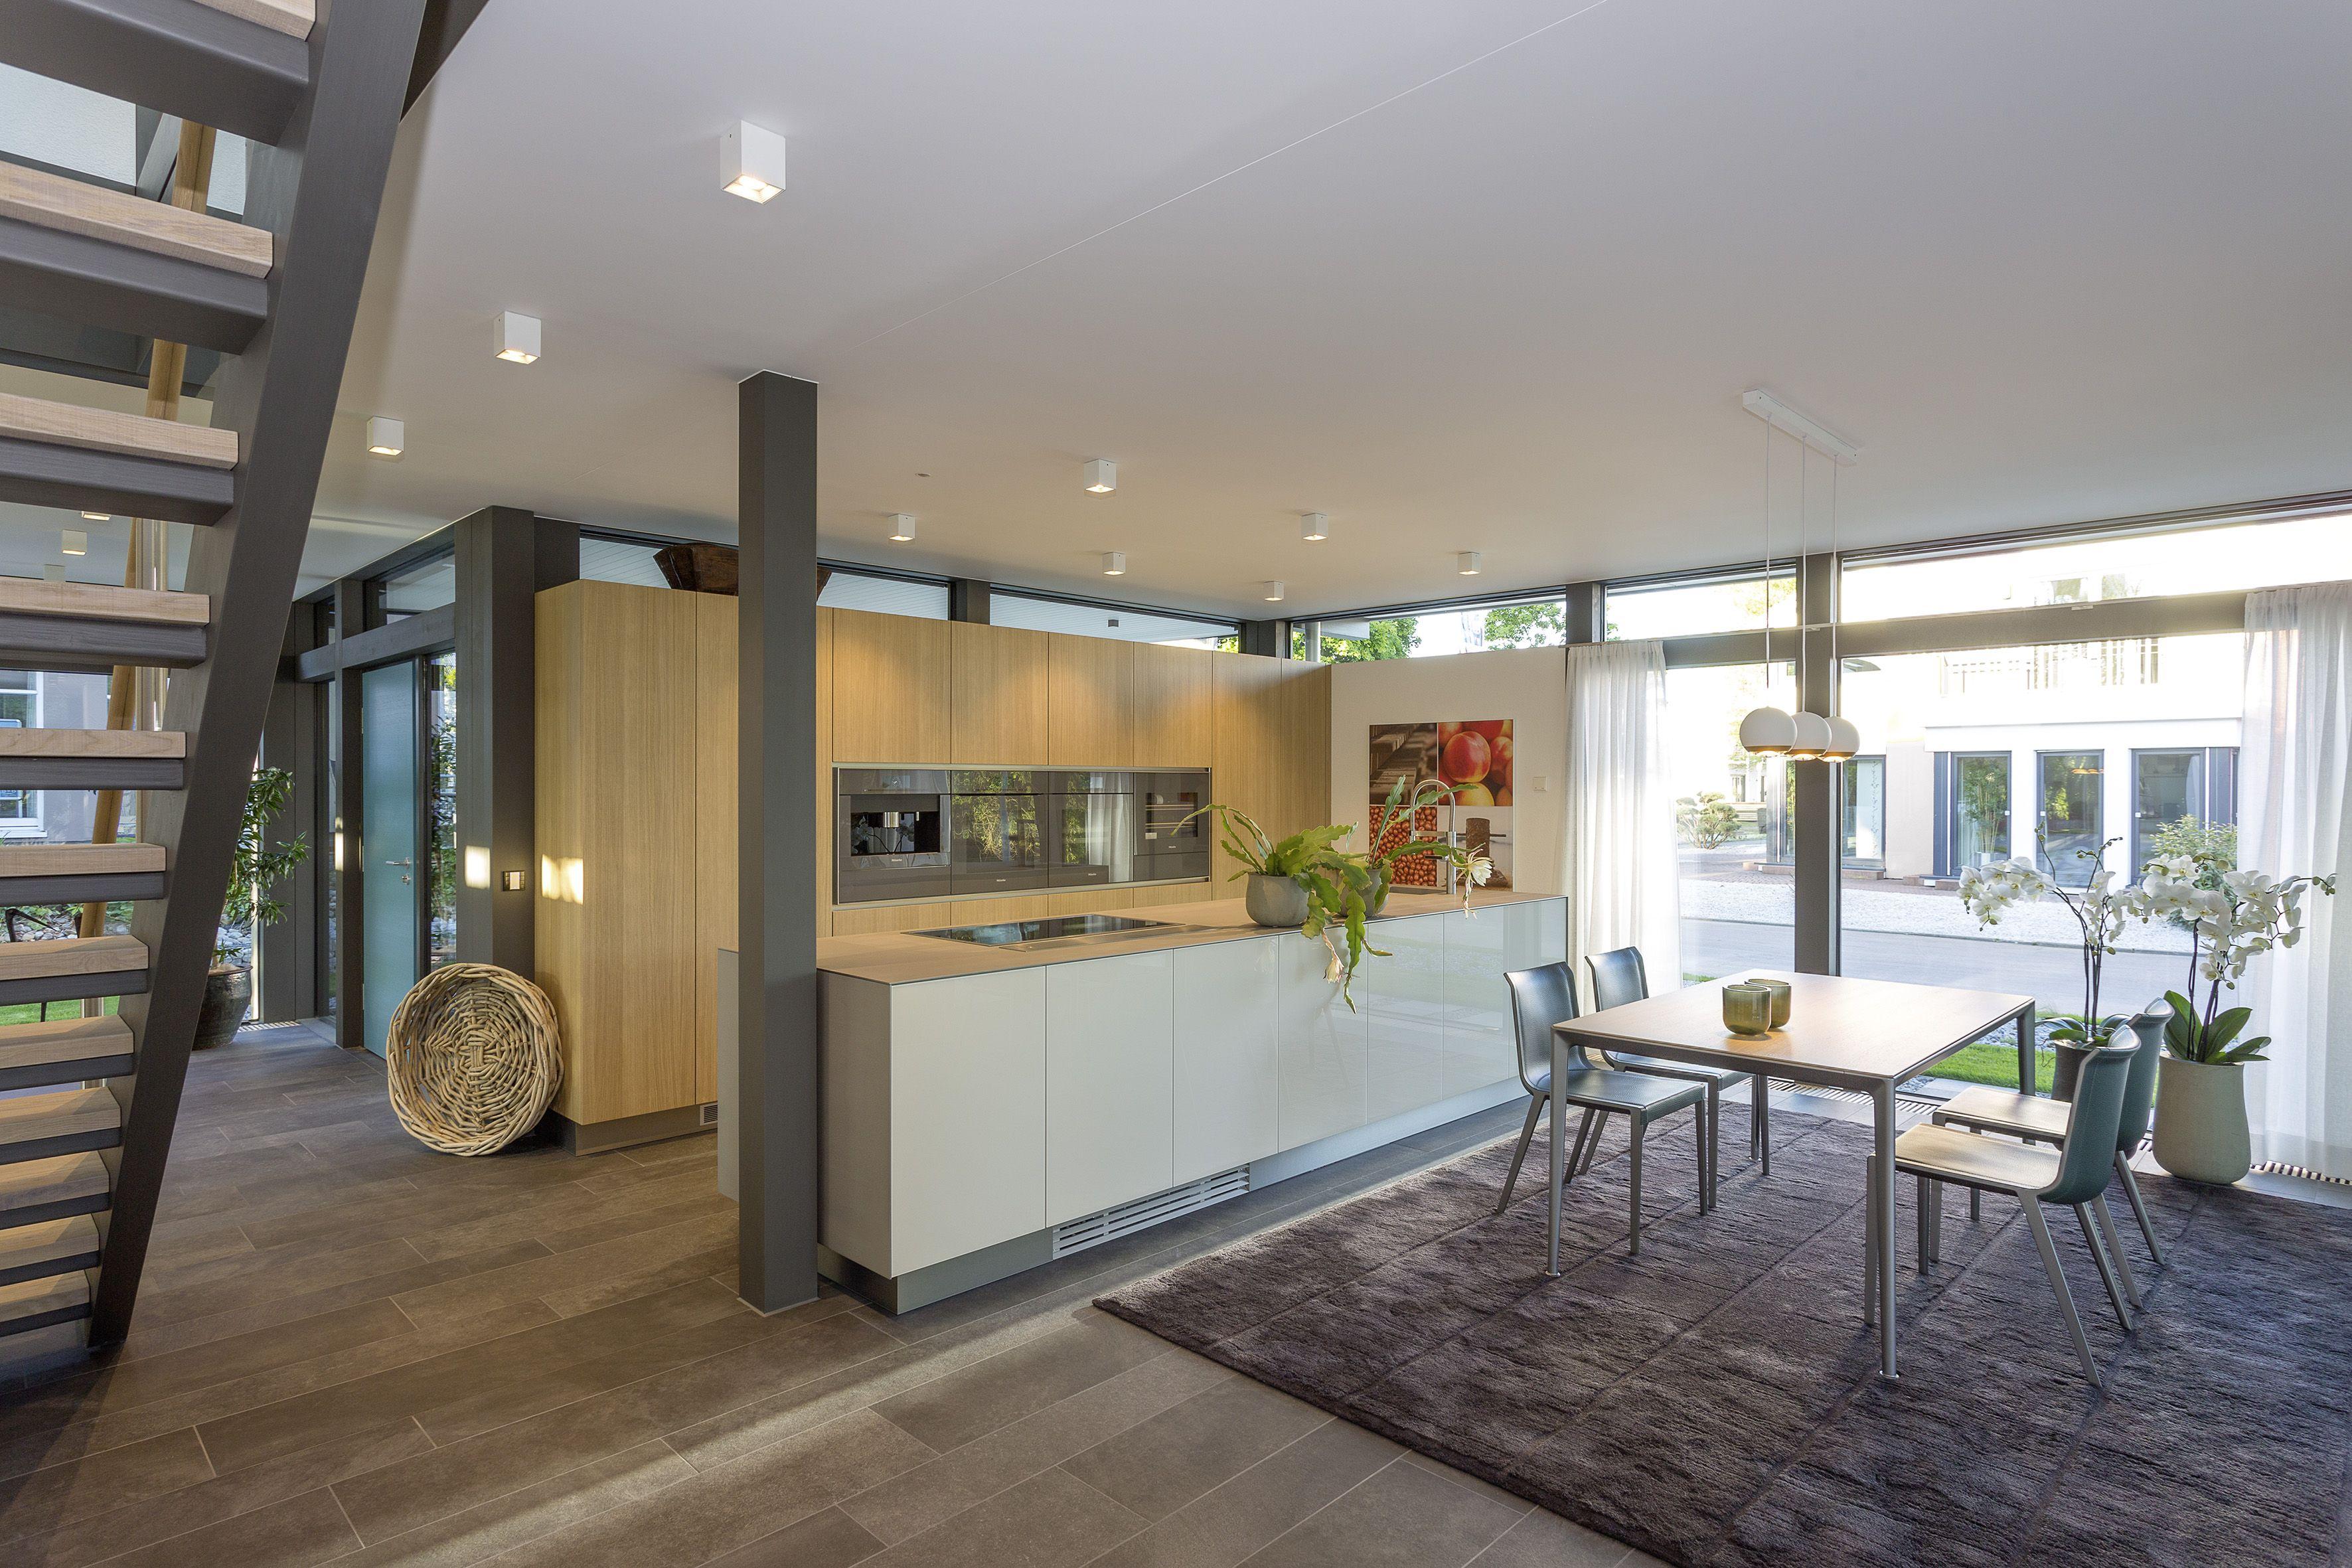 Das HUF Haus MODUM vereint die besten grünen Attribute zu